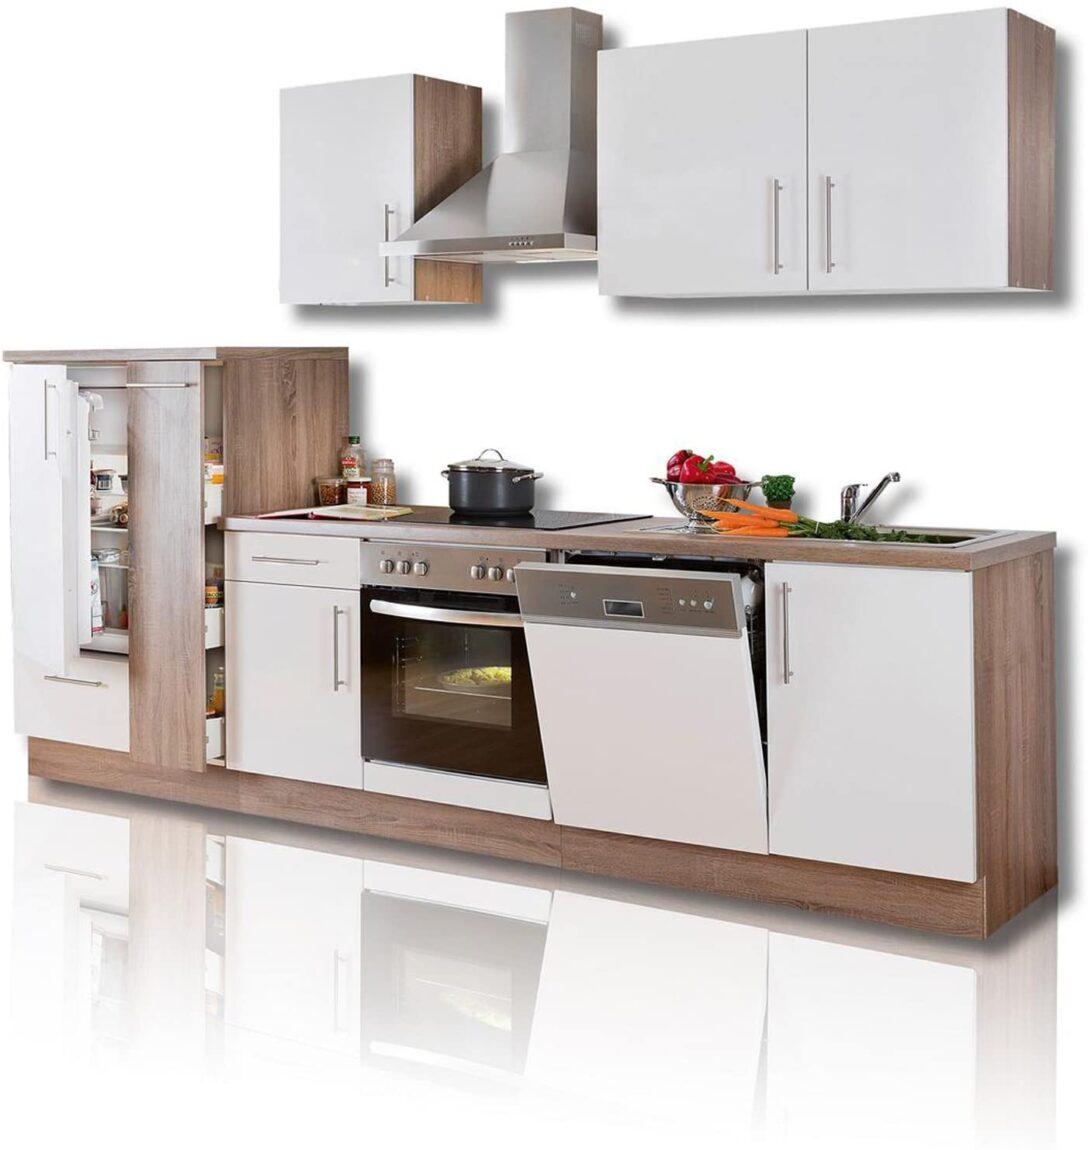 Large Size of Roller Miniküche Kchenblock Julia Stengel Mit Kühlschrank Regale Ikea Wohnzimmer Roller Miniküche